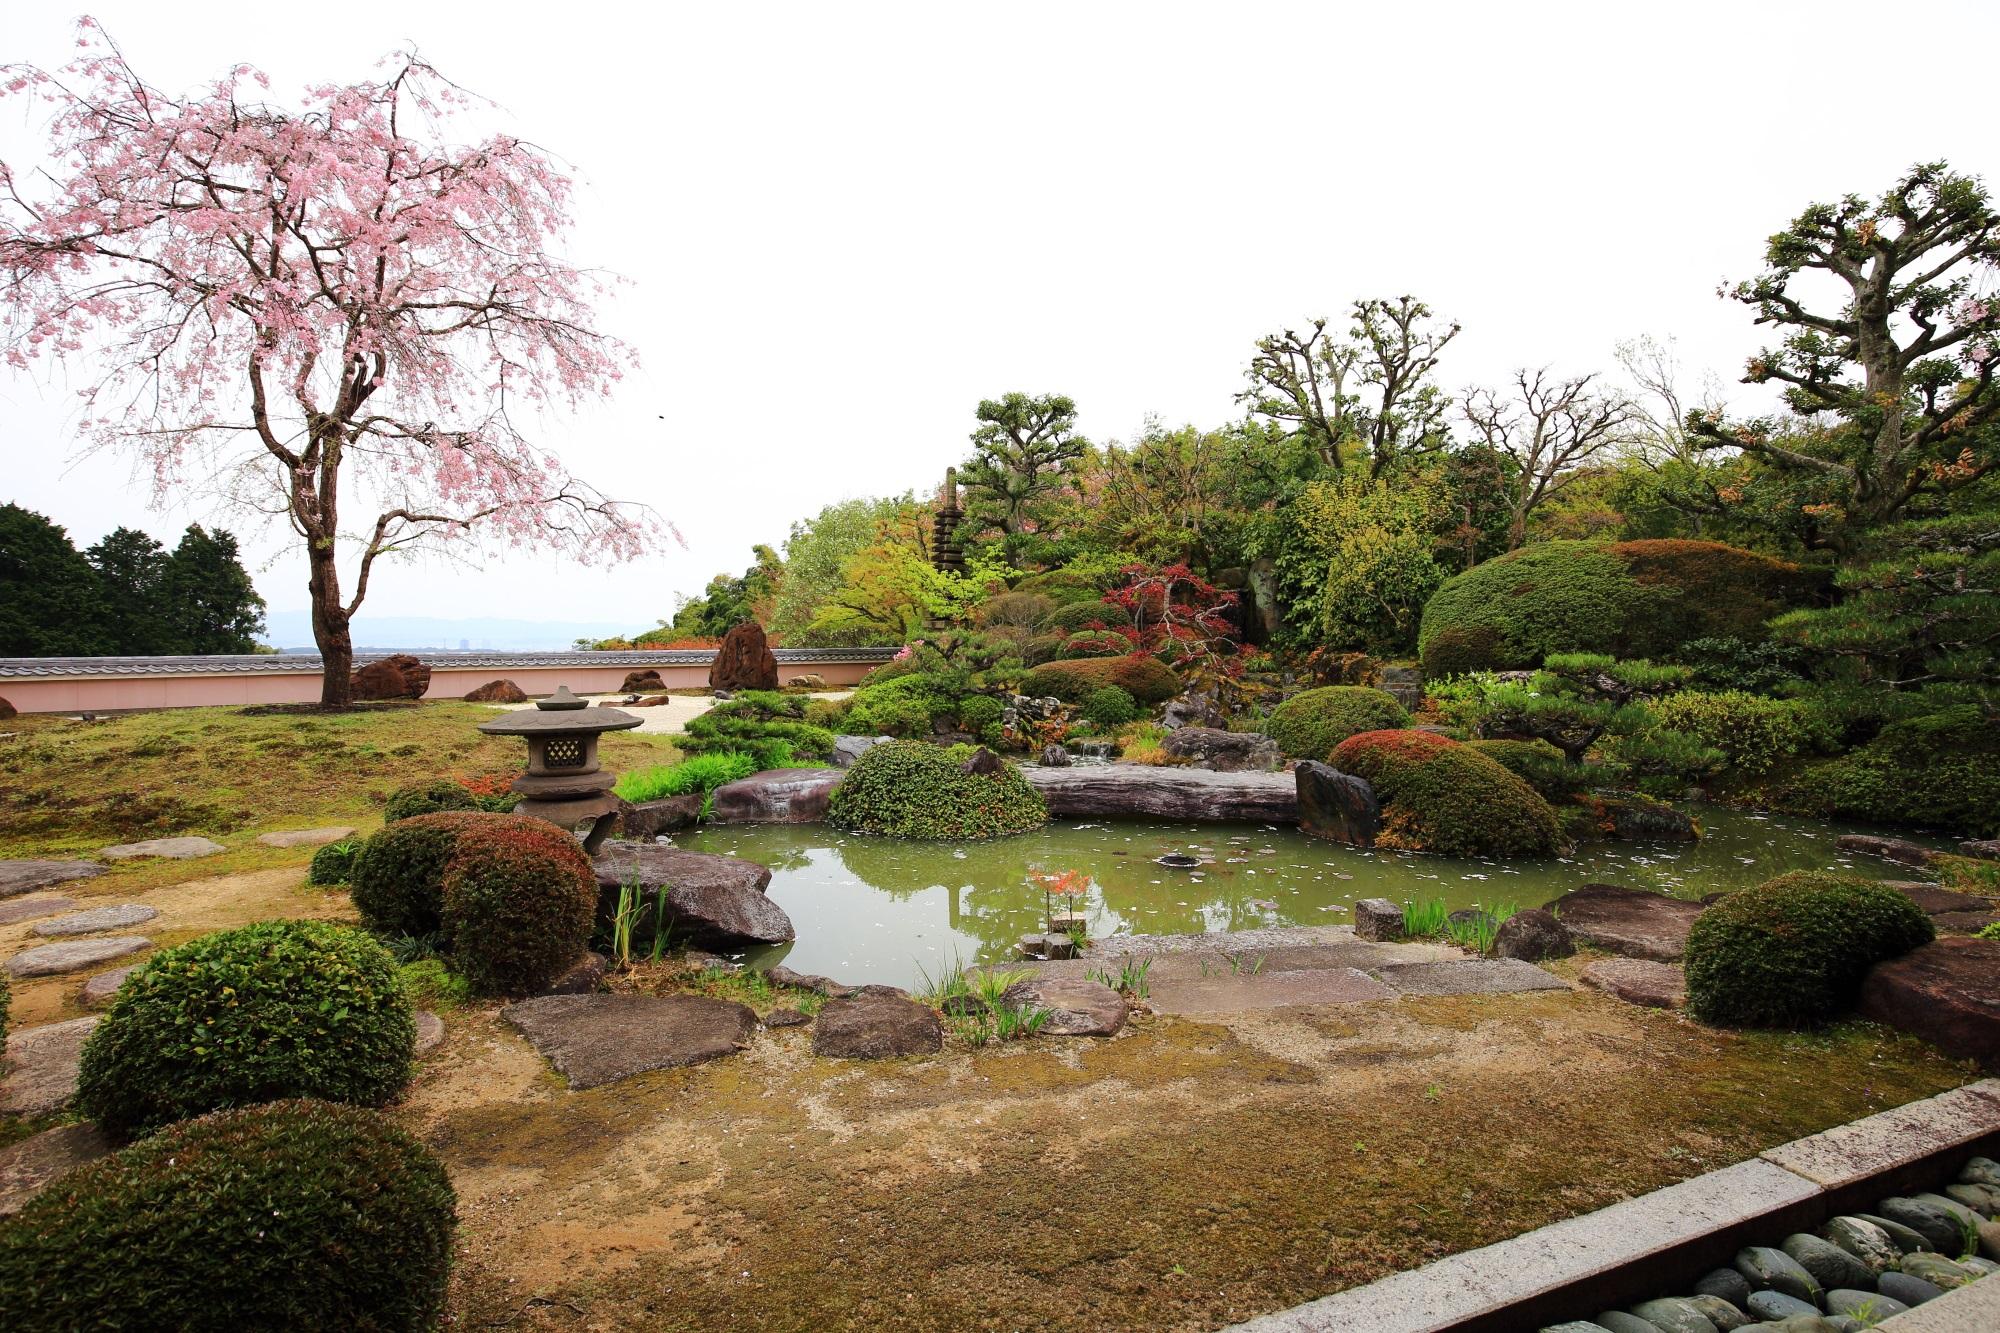 庭園の中央で咲き誇る満開のしだれ桜